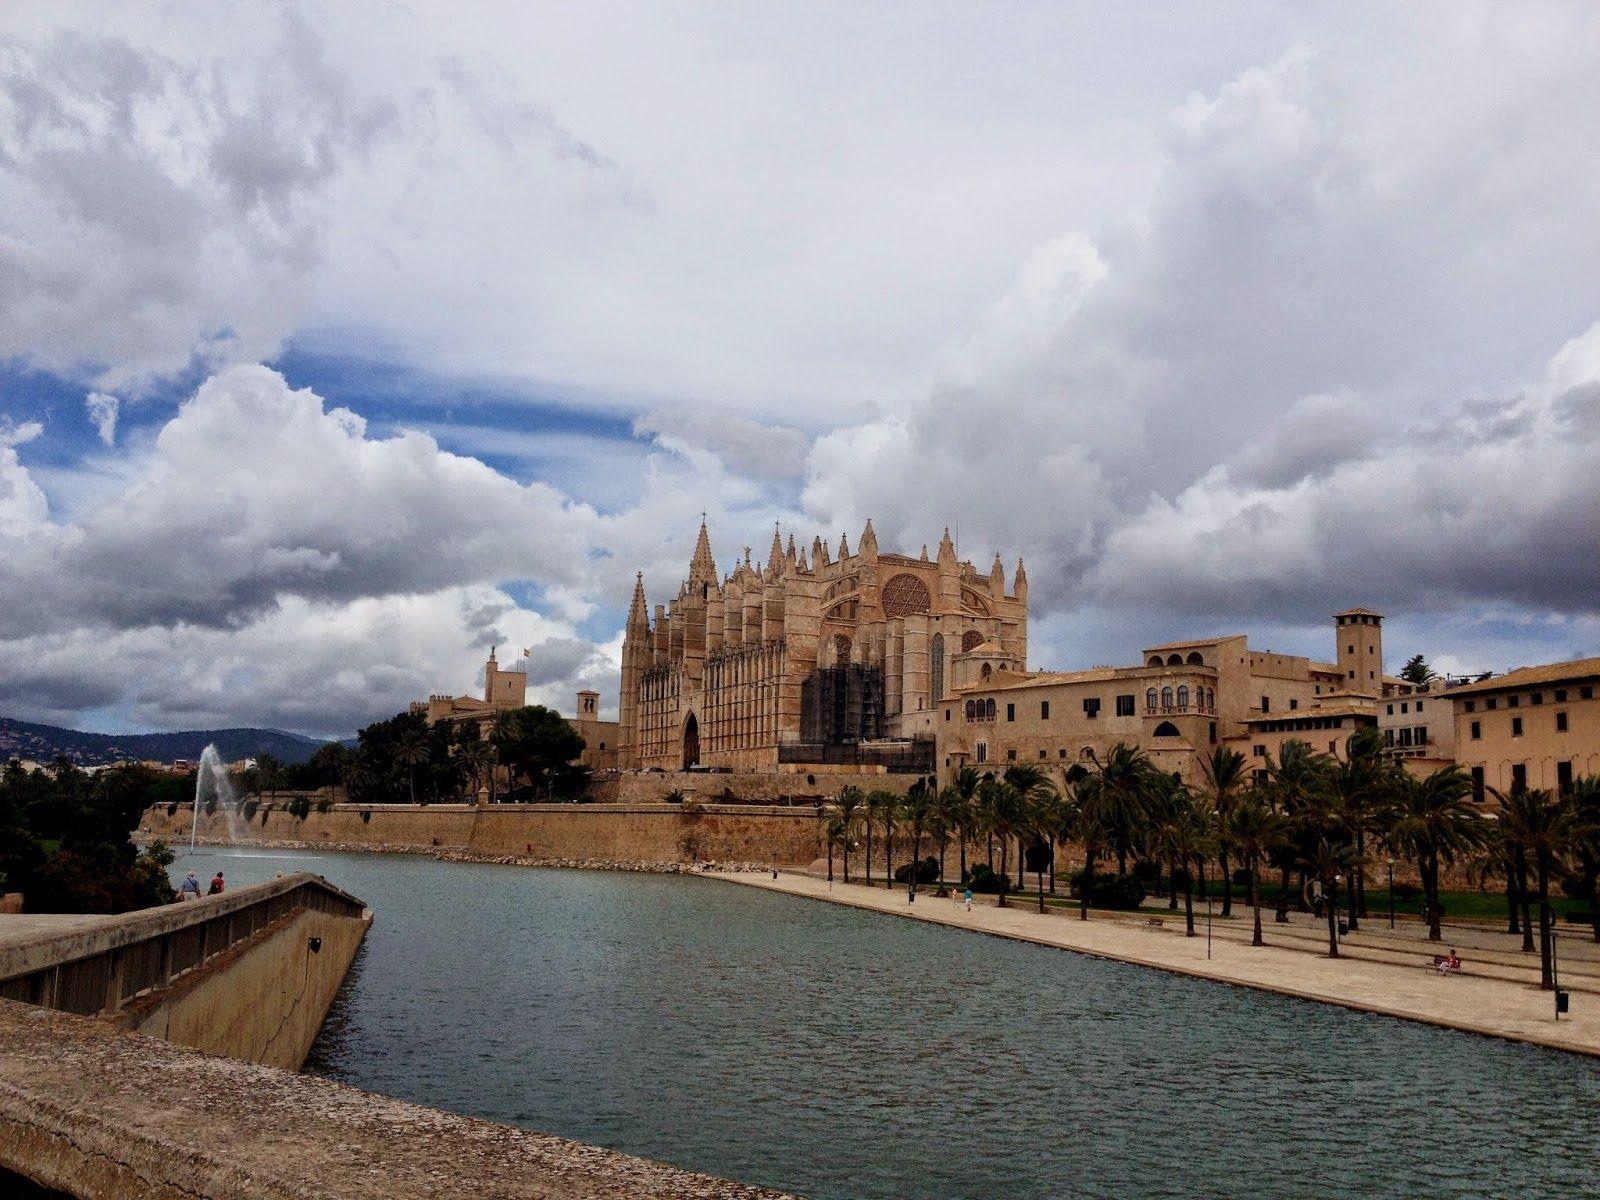 La Seu - Catedral de Palma de Mallorca